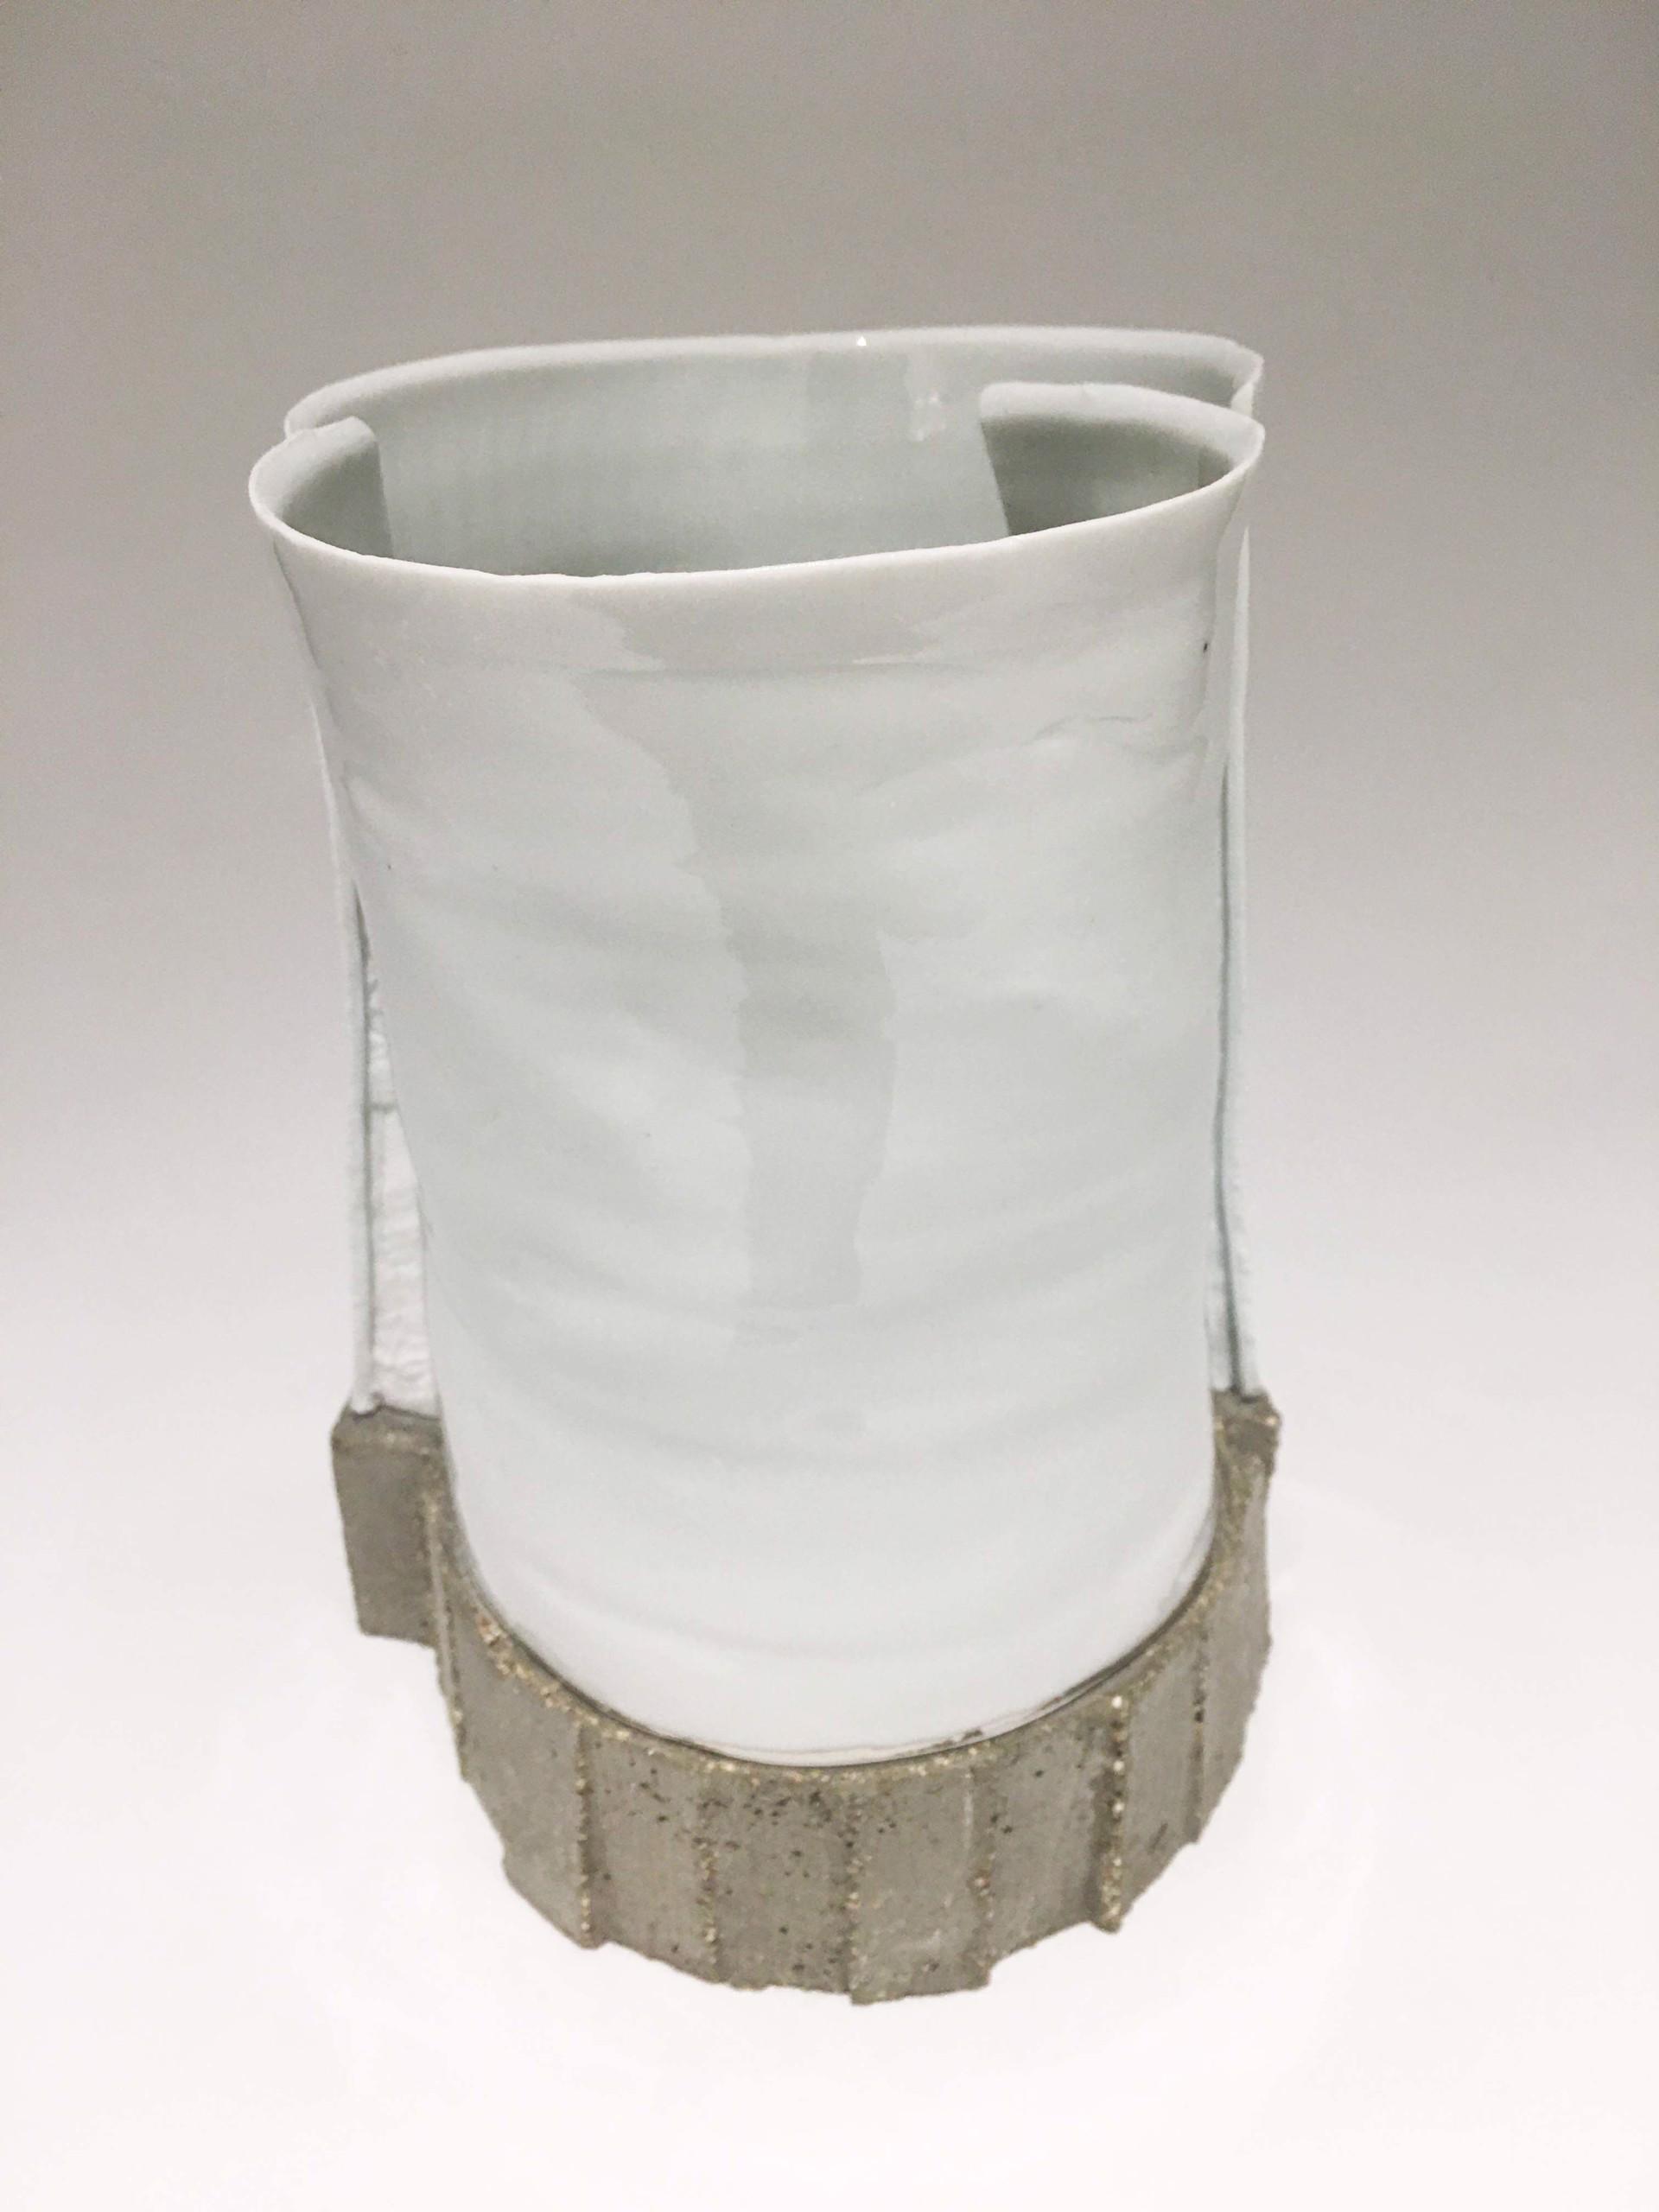 Vase 3 by Bryan Hopkins